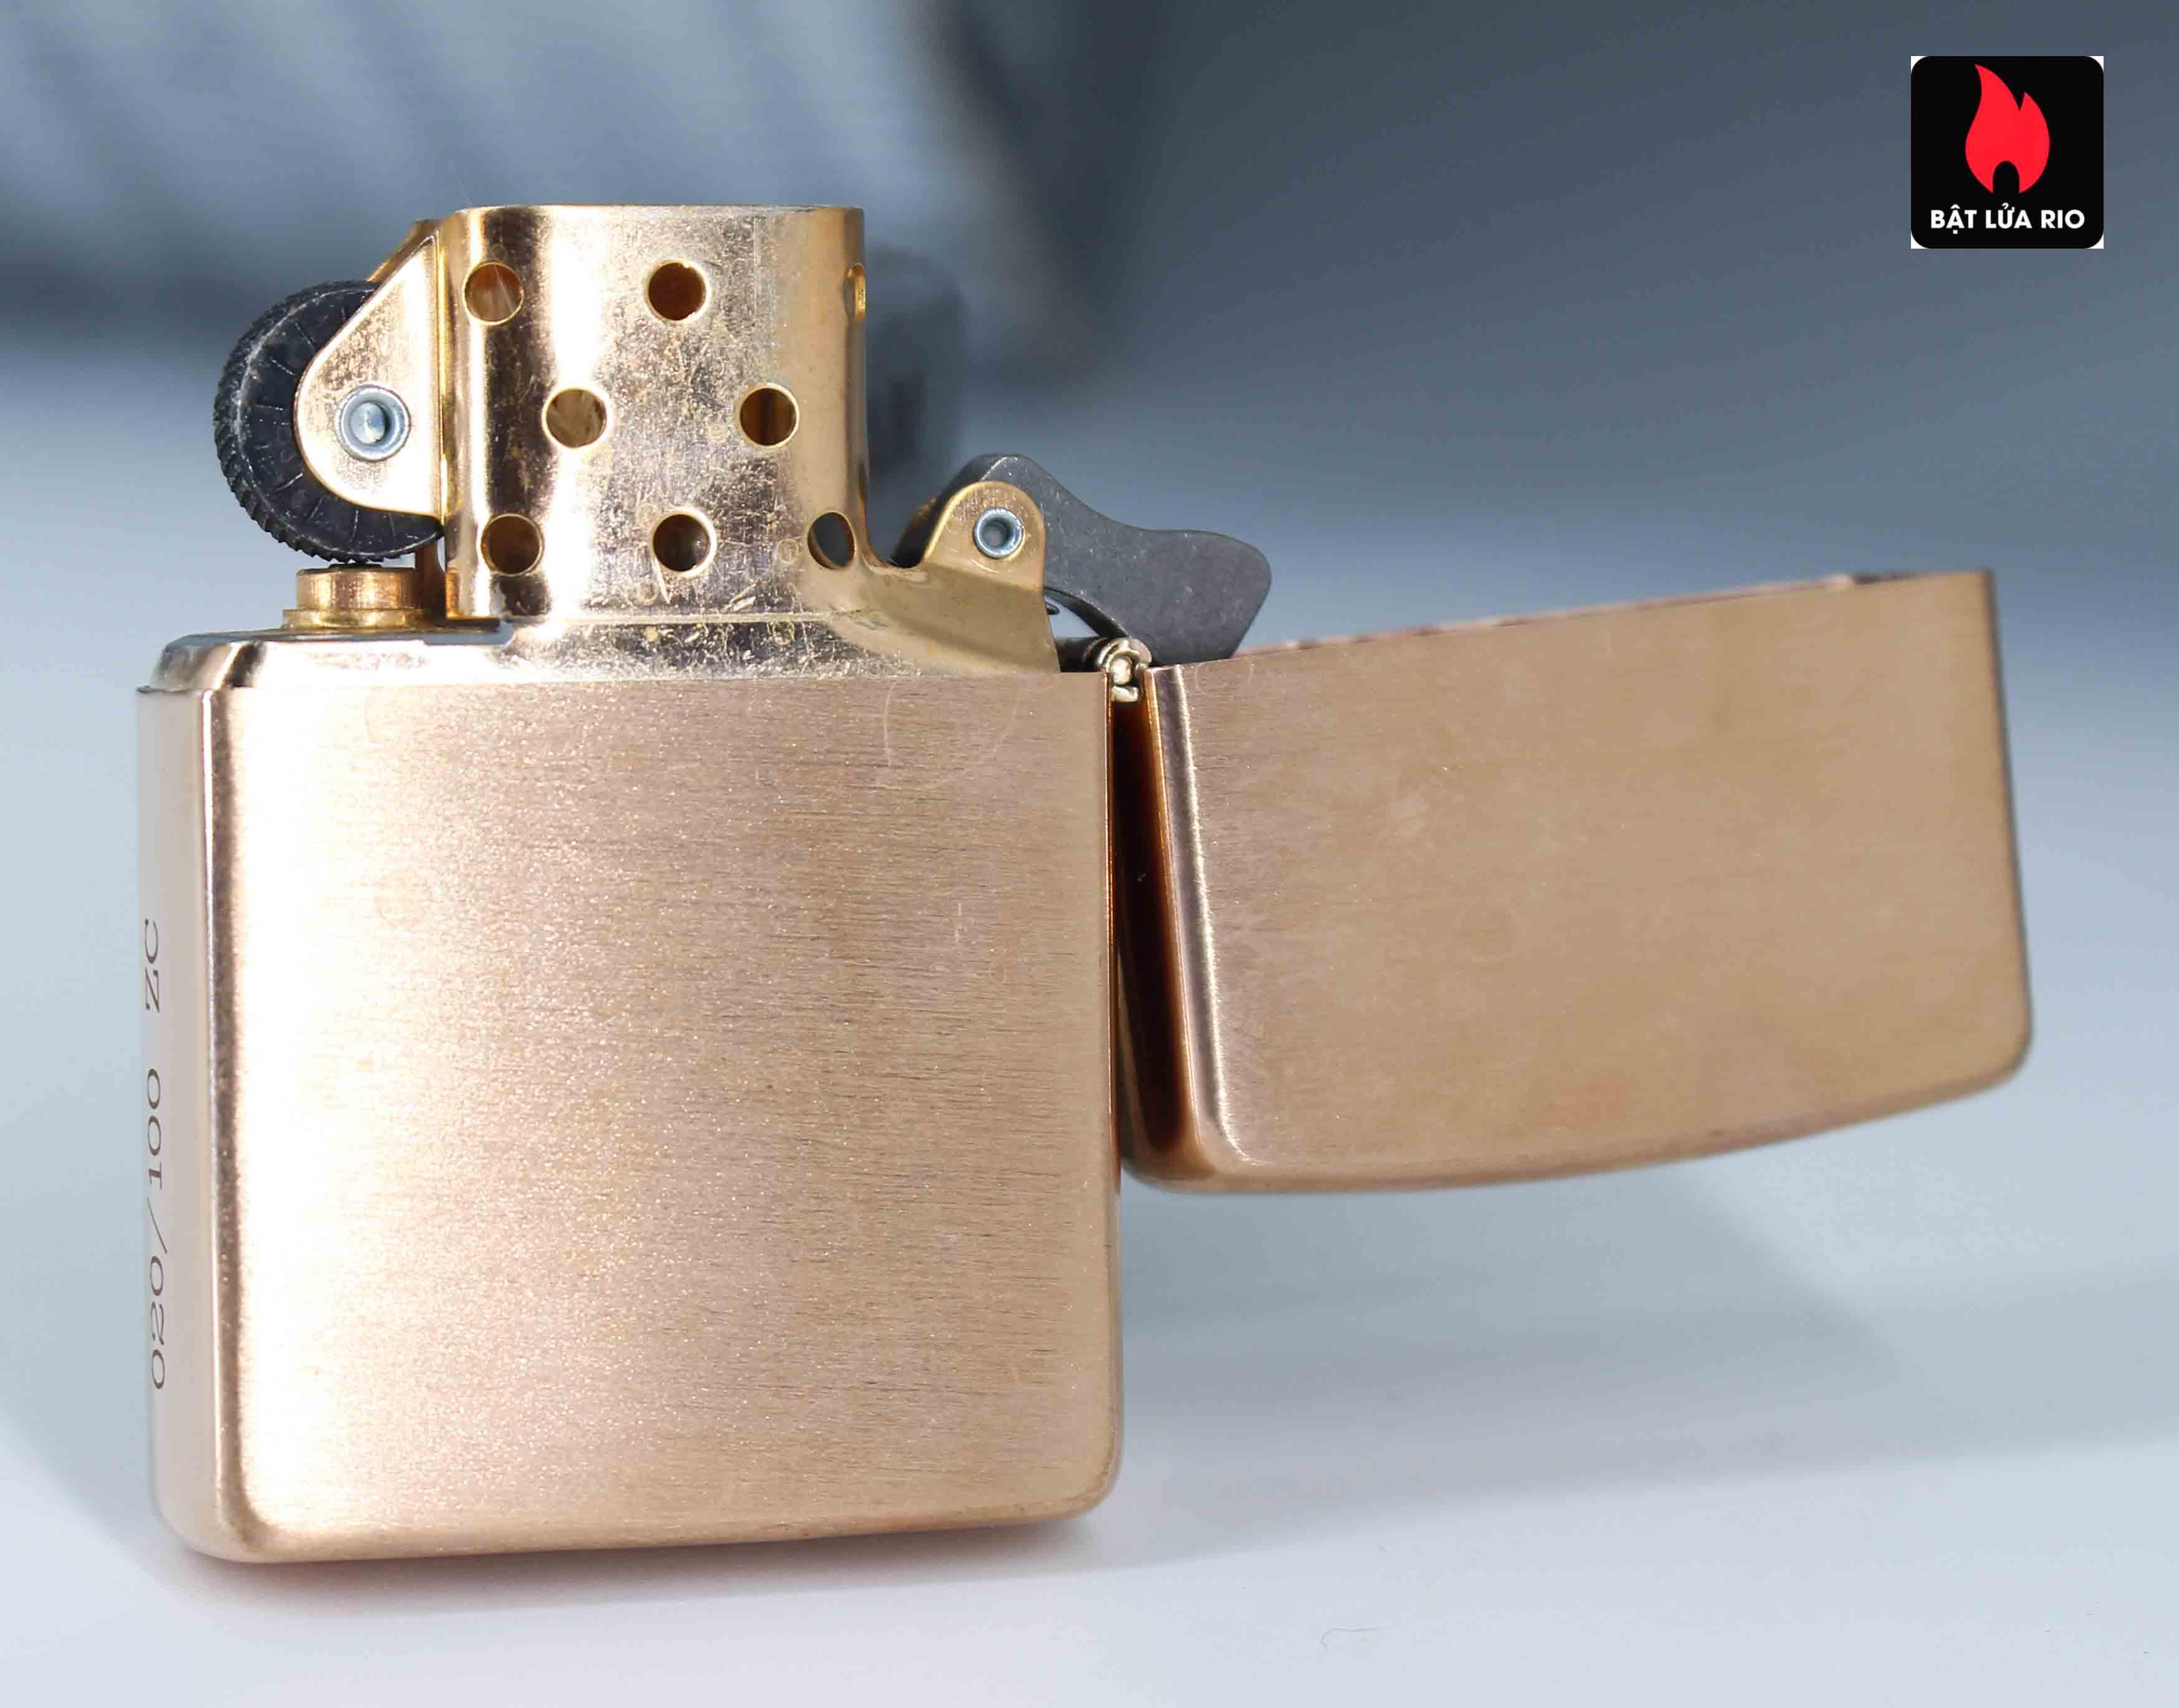 Zippo 2002 - Zippo Z-Series Copper Project - Click Member Edition 020/100 3